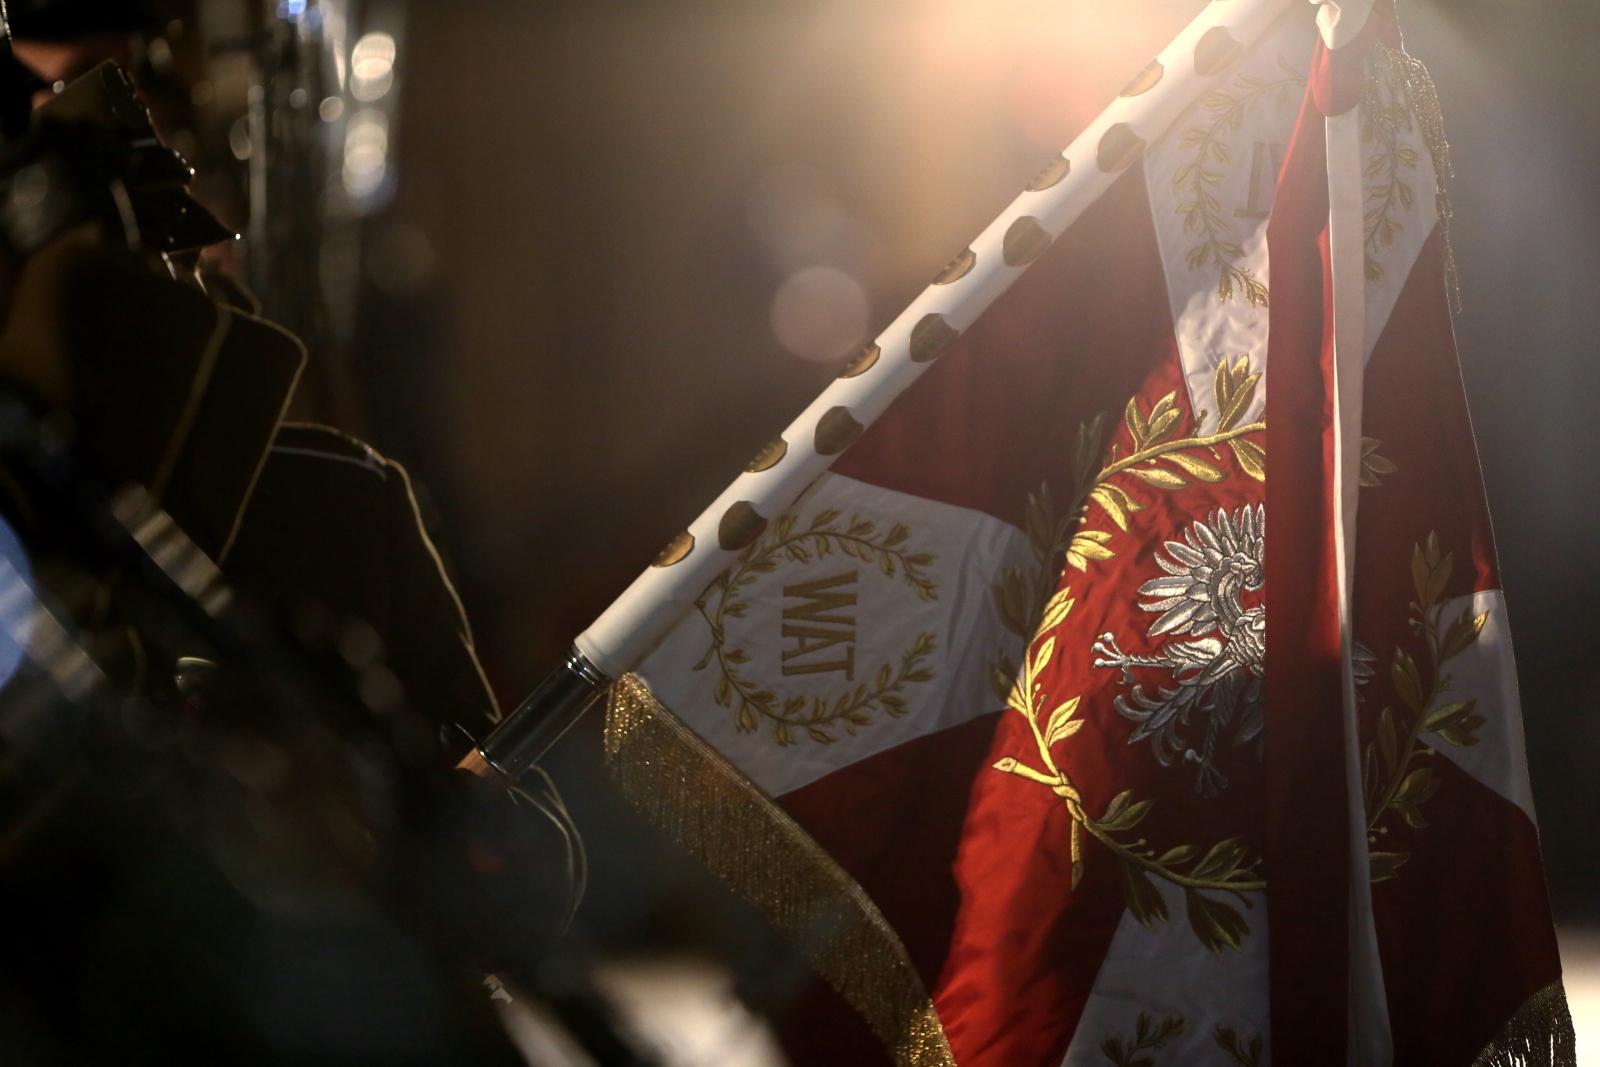 Ceremonia objęcia posterunków honorowych przez podchorążych z okazji Dnia Podchorążego, 29 bm. na dziedzińcu Belwederu. Dzień Podchorążego został ustanowiony na pamiątkę wydarzeń 29 listopada 1830 r., kiedy podoficerowie warszawskiej Szkoły Podchorążych Piechoty rozpoczęli atakiem na Belweder powstanie listopadowe. Współcześni podchorążowie pełnią honorową wartę w historycznych mundurach z 1830 roku.